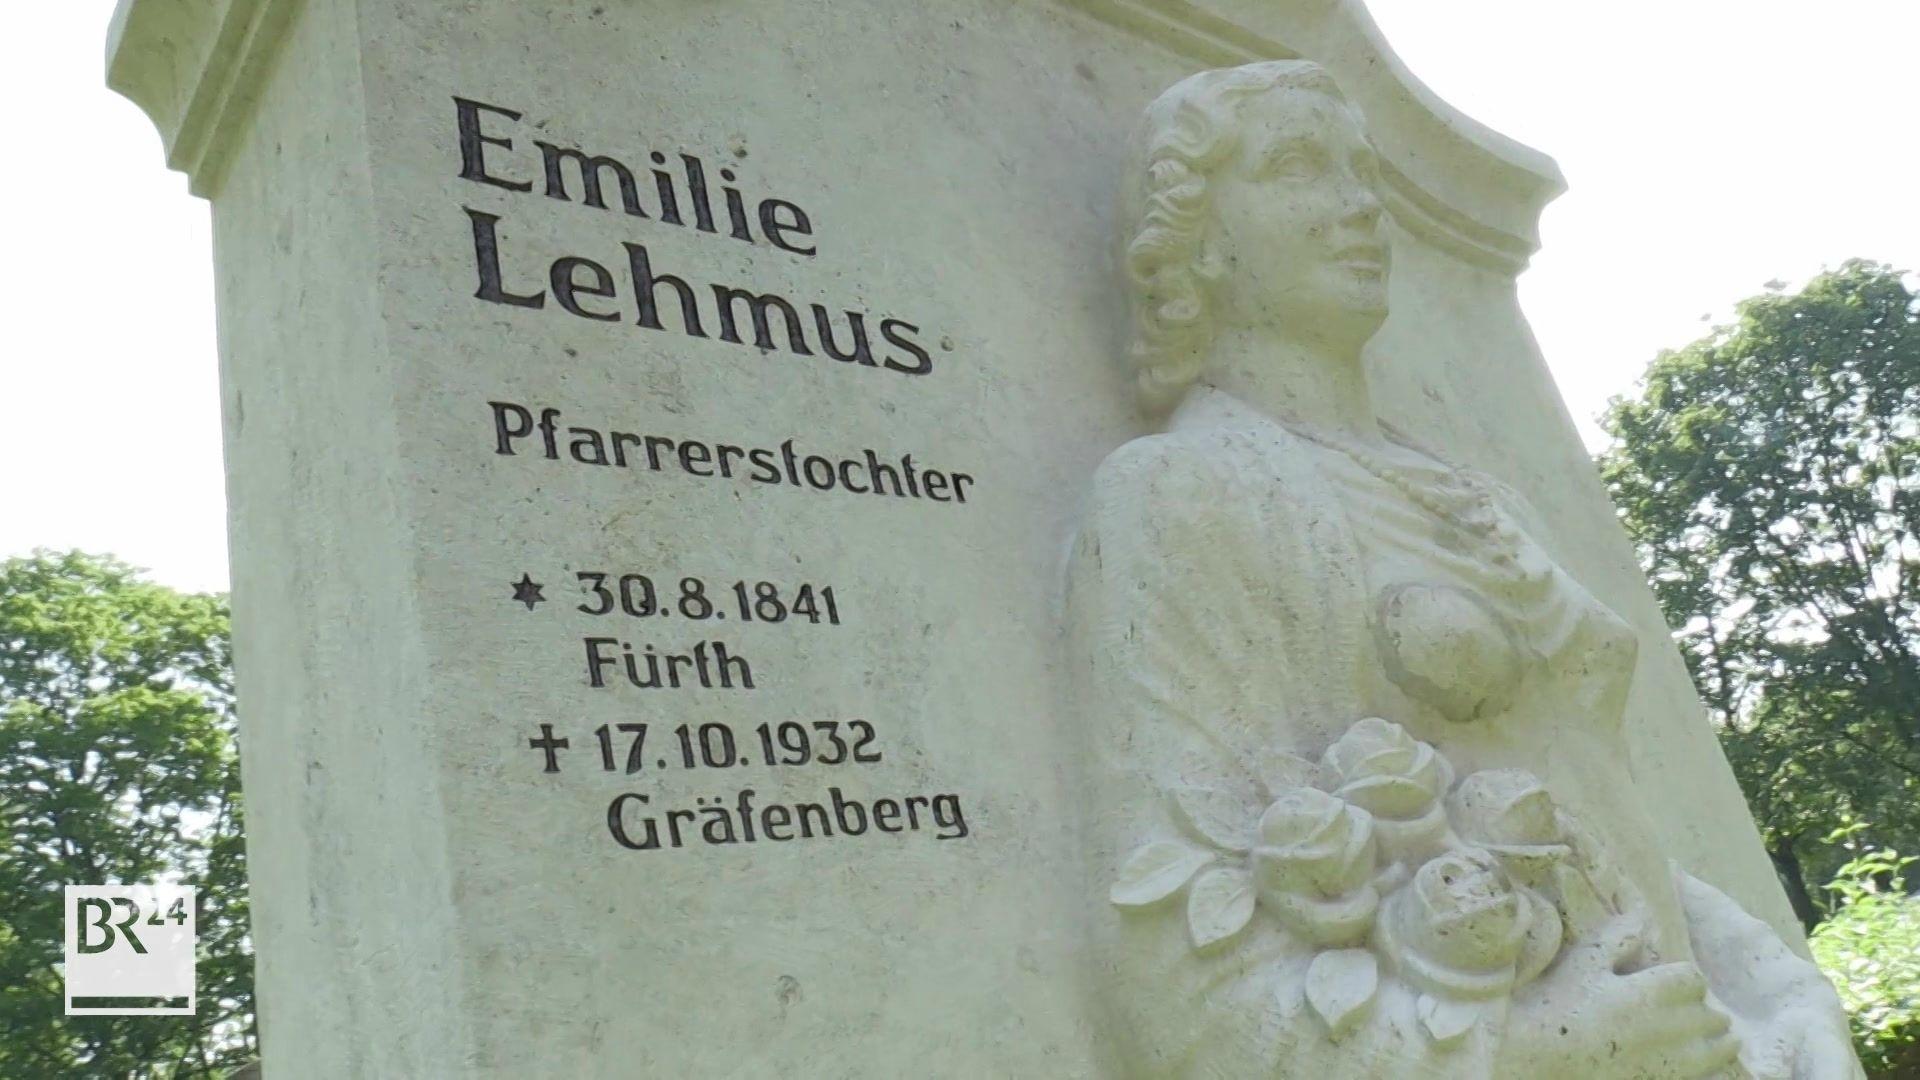 Emilie Lehmus bekommt ein Denkmal